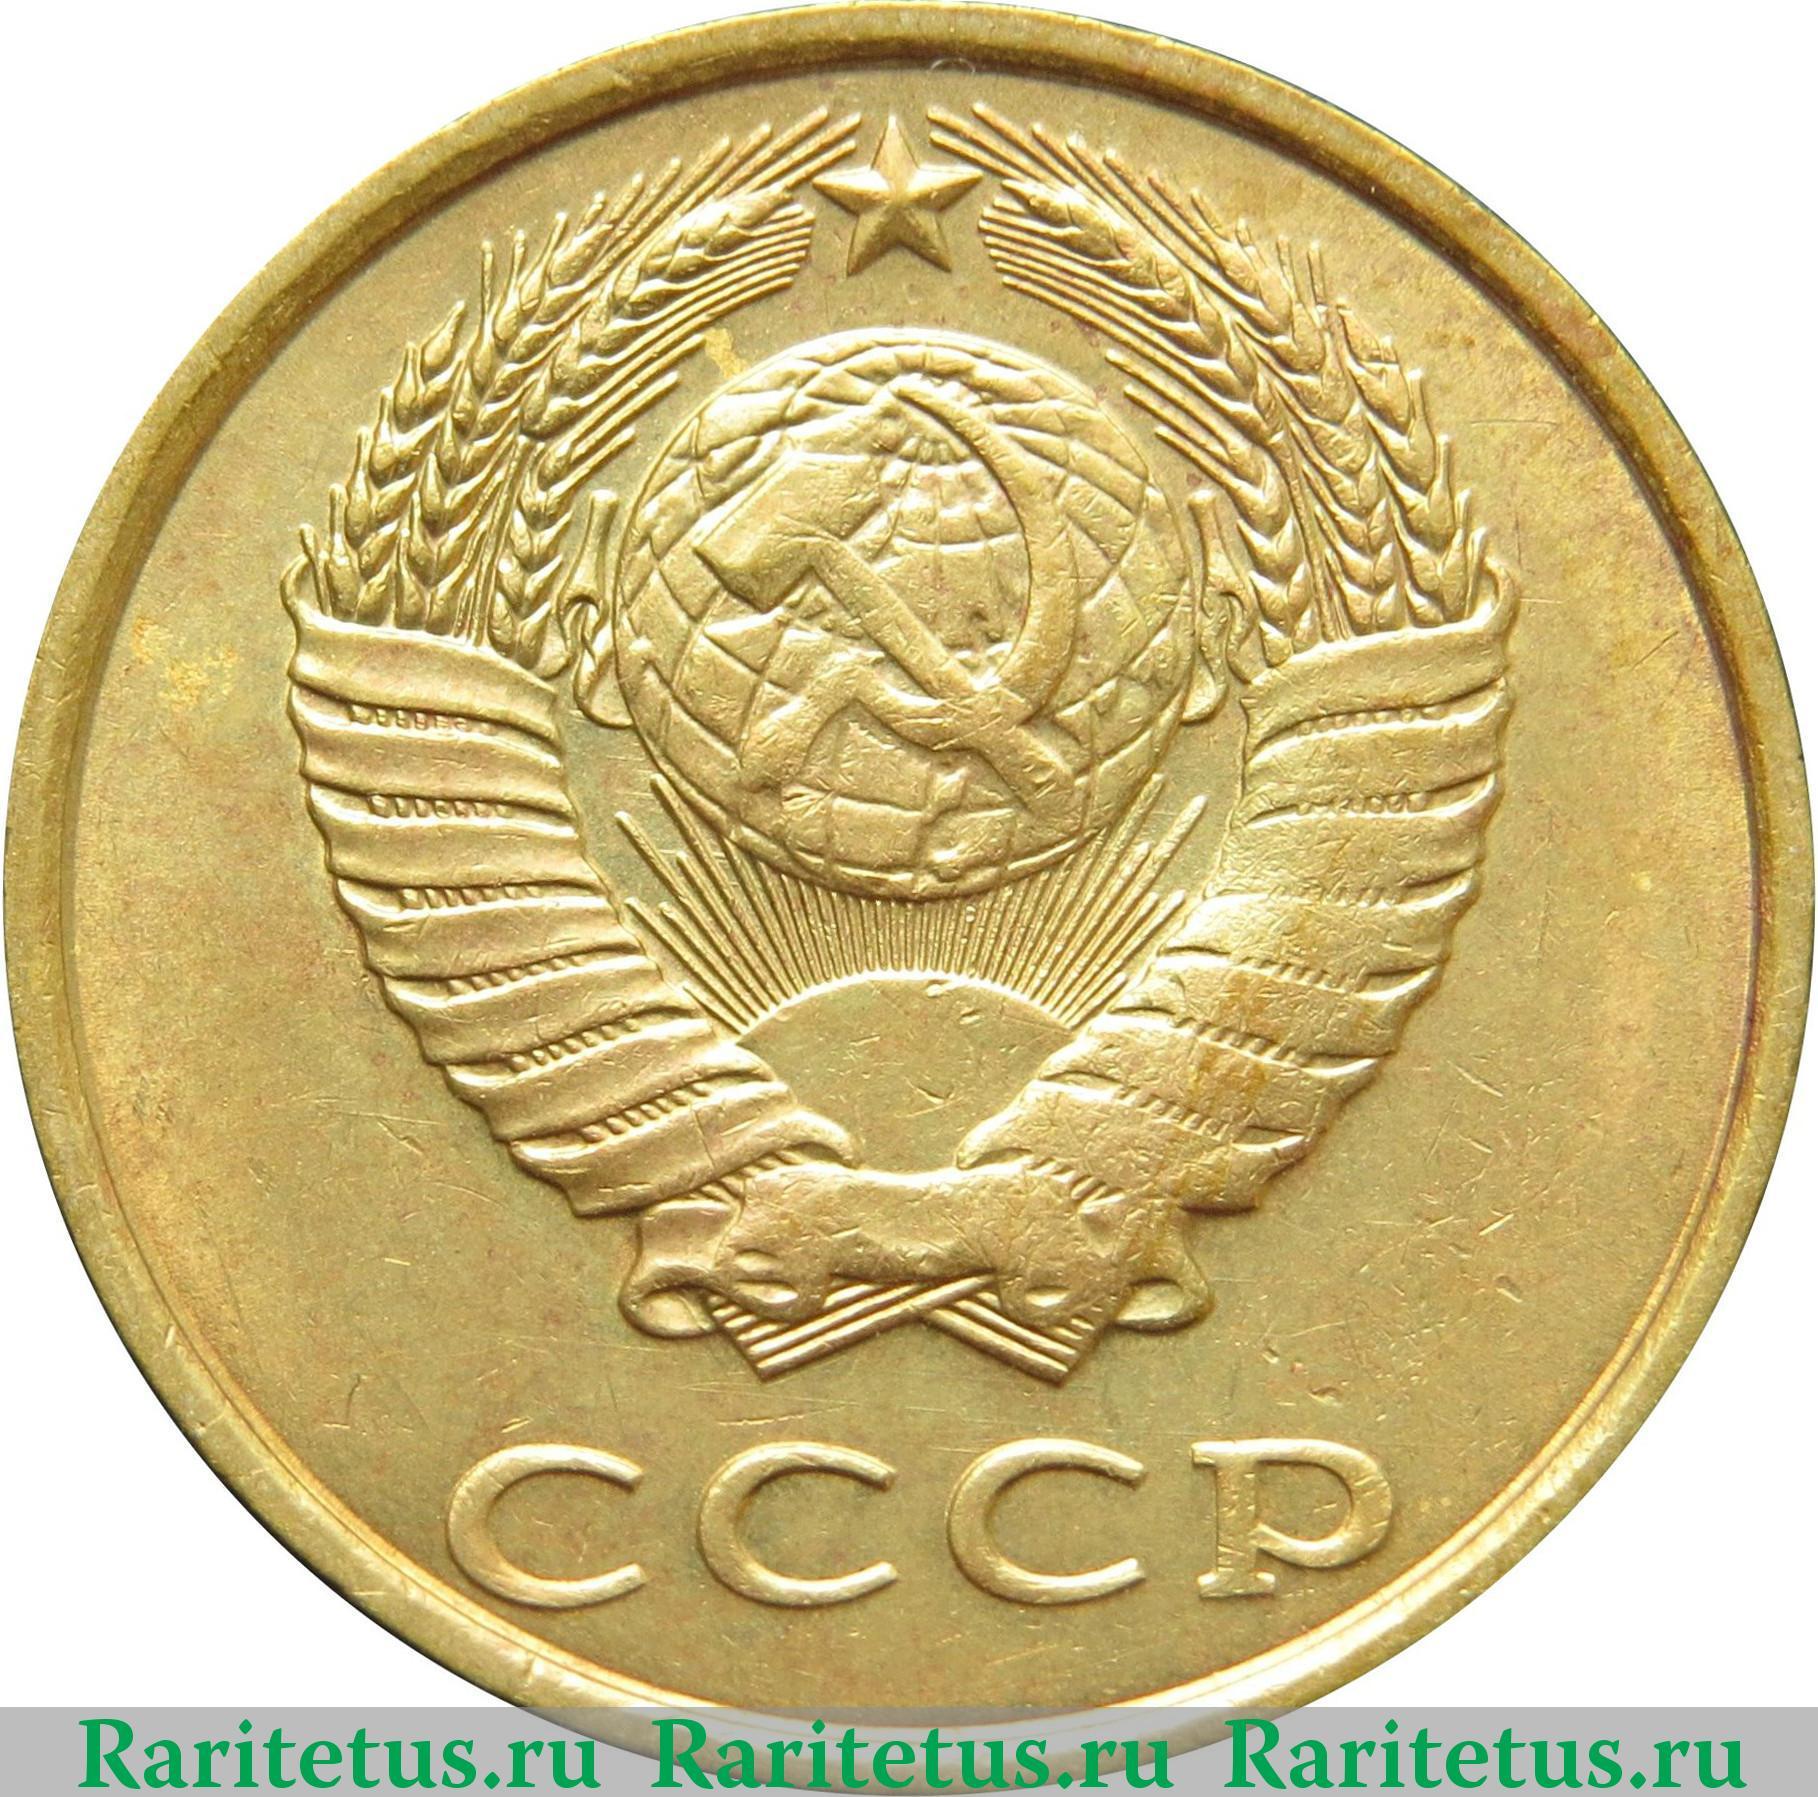 20 копеек 1989 года цена ссср стоимость монета азербайджана 20 гяпиков